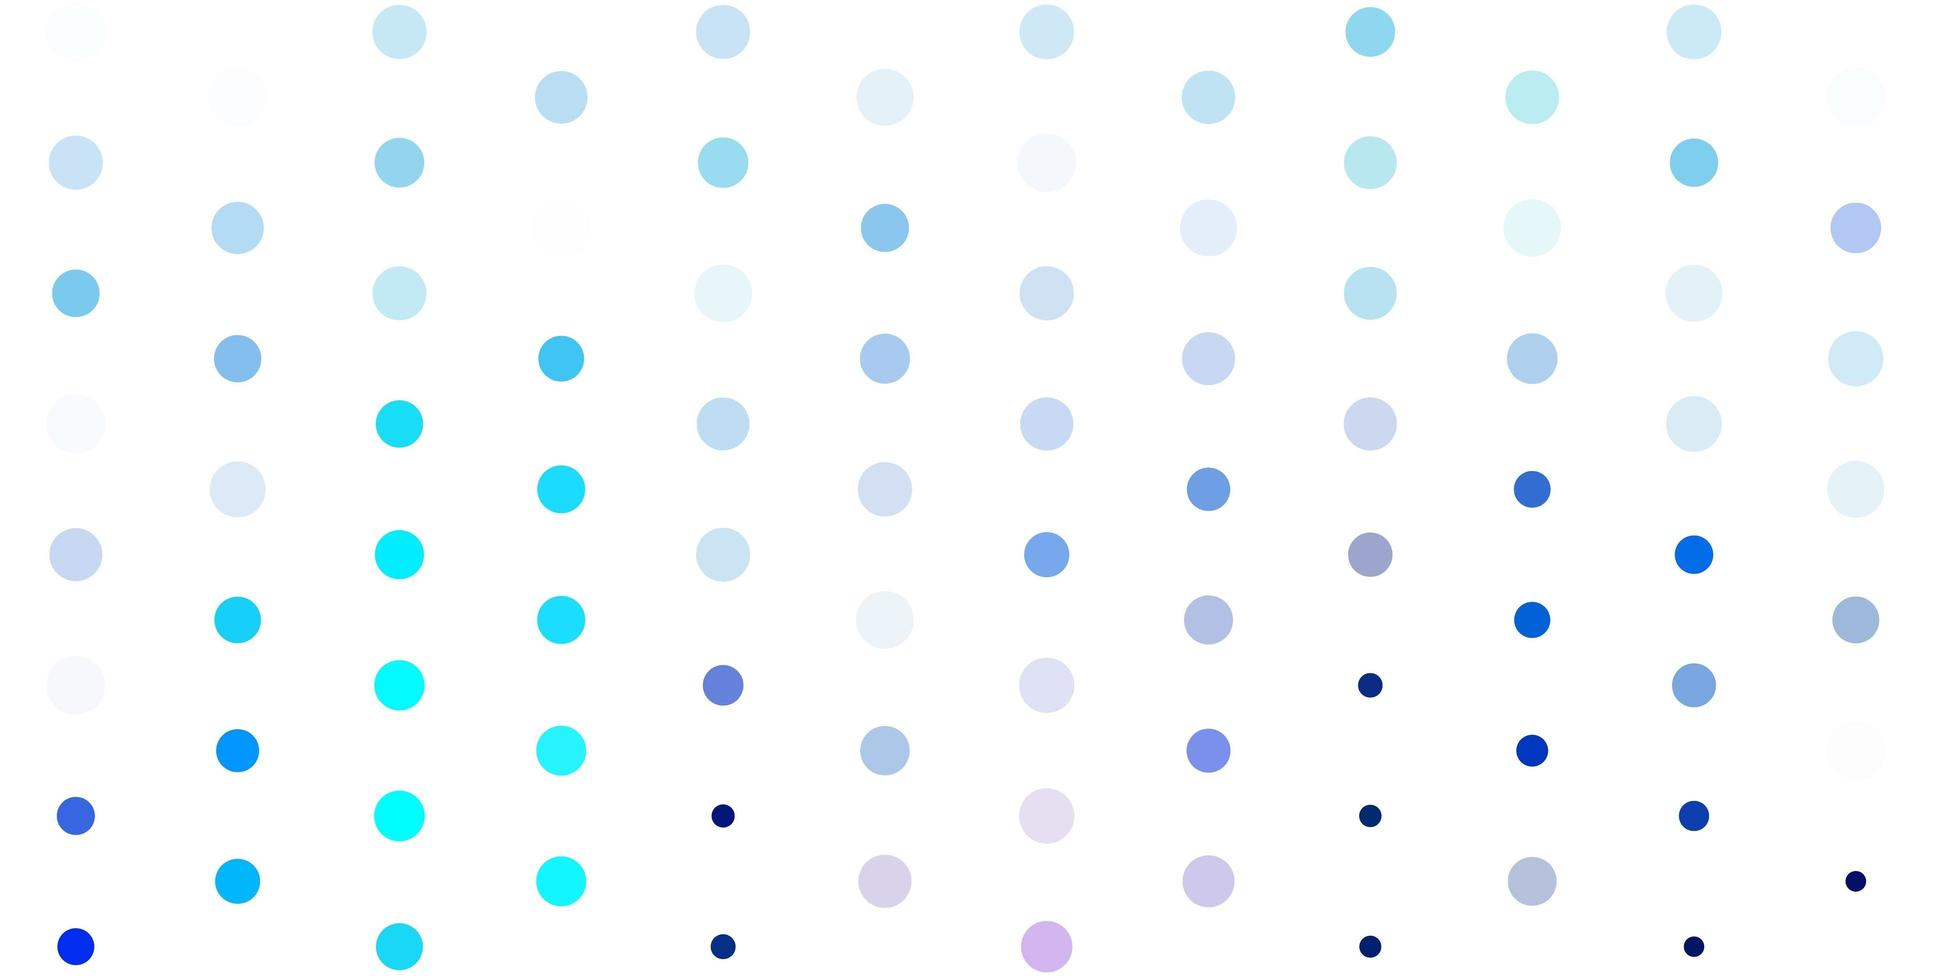 Fondo de vector rosa claro, azul con burbujas